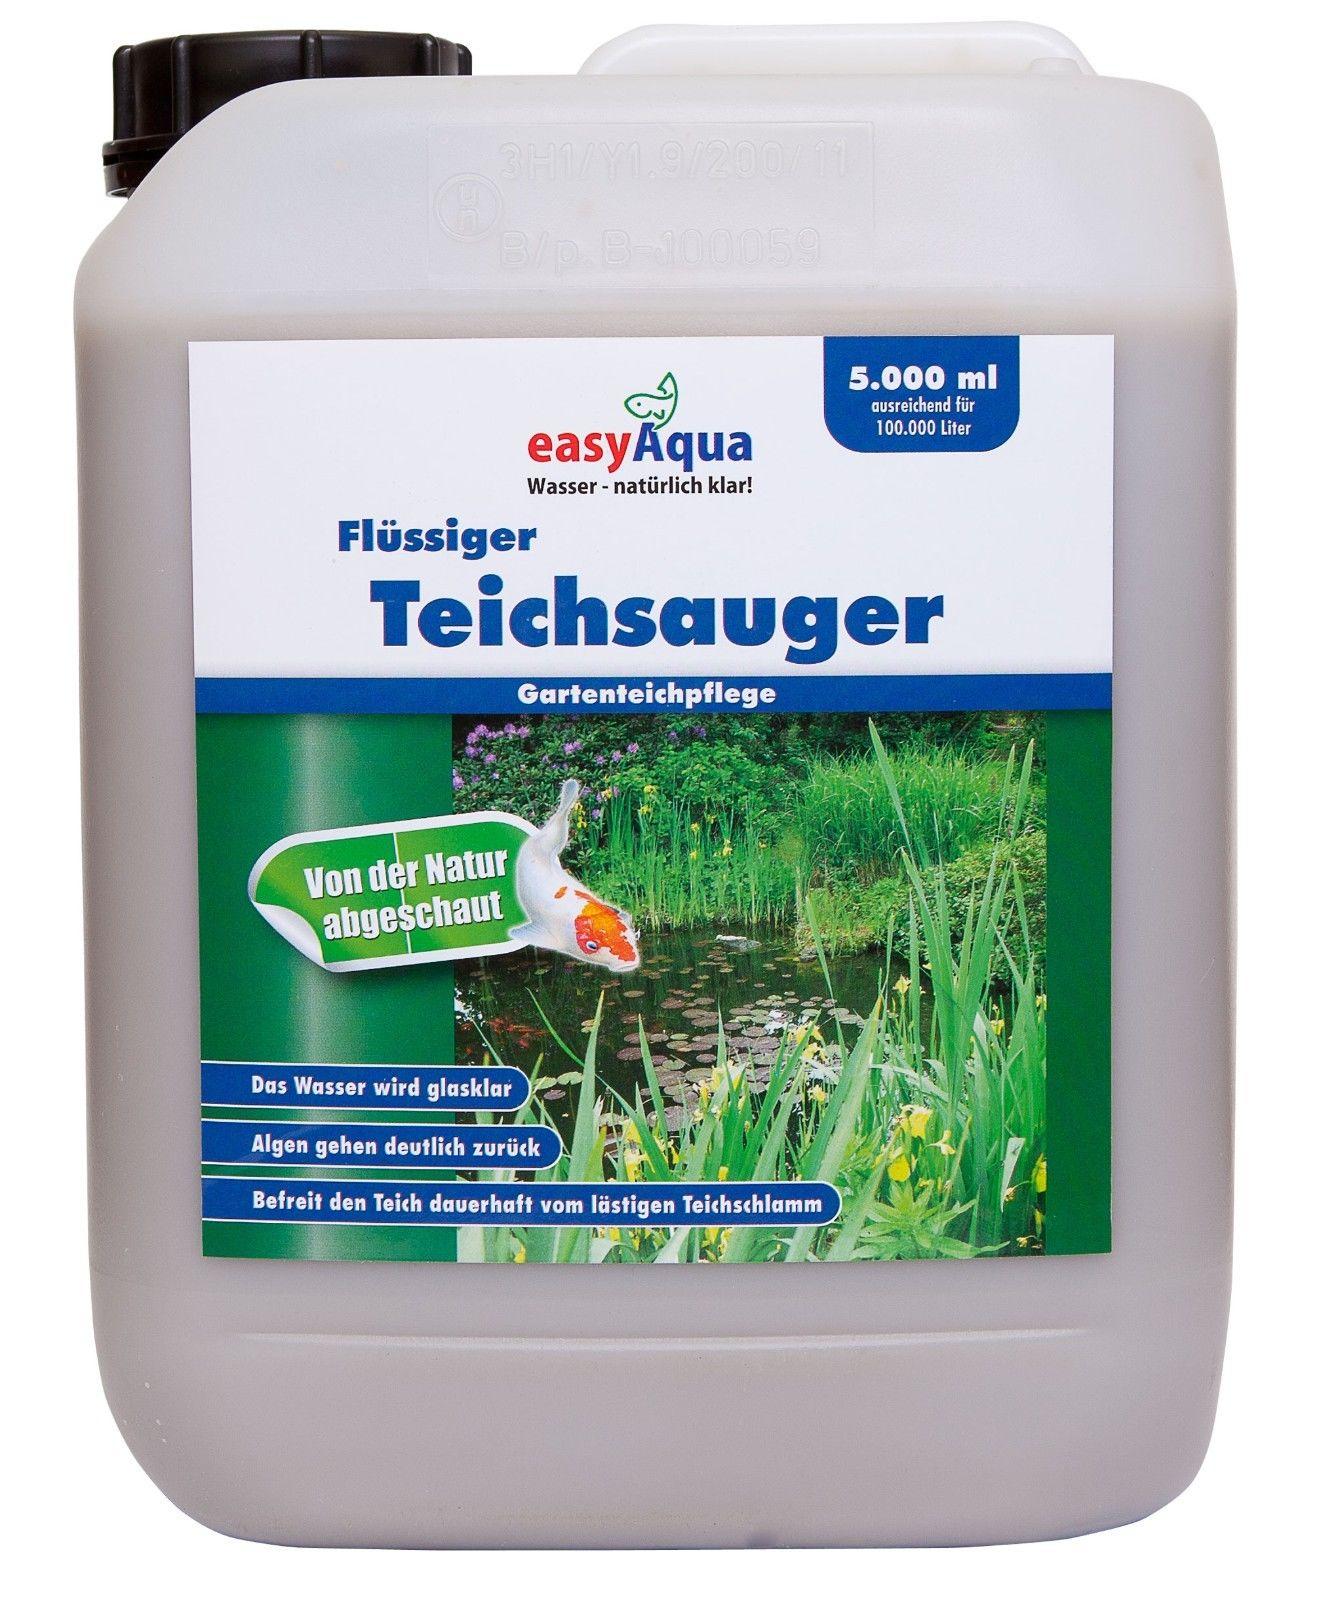 5 Liter Flüssiger Teichauger